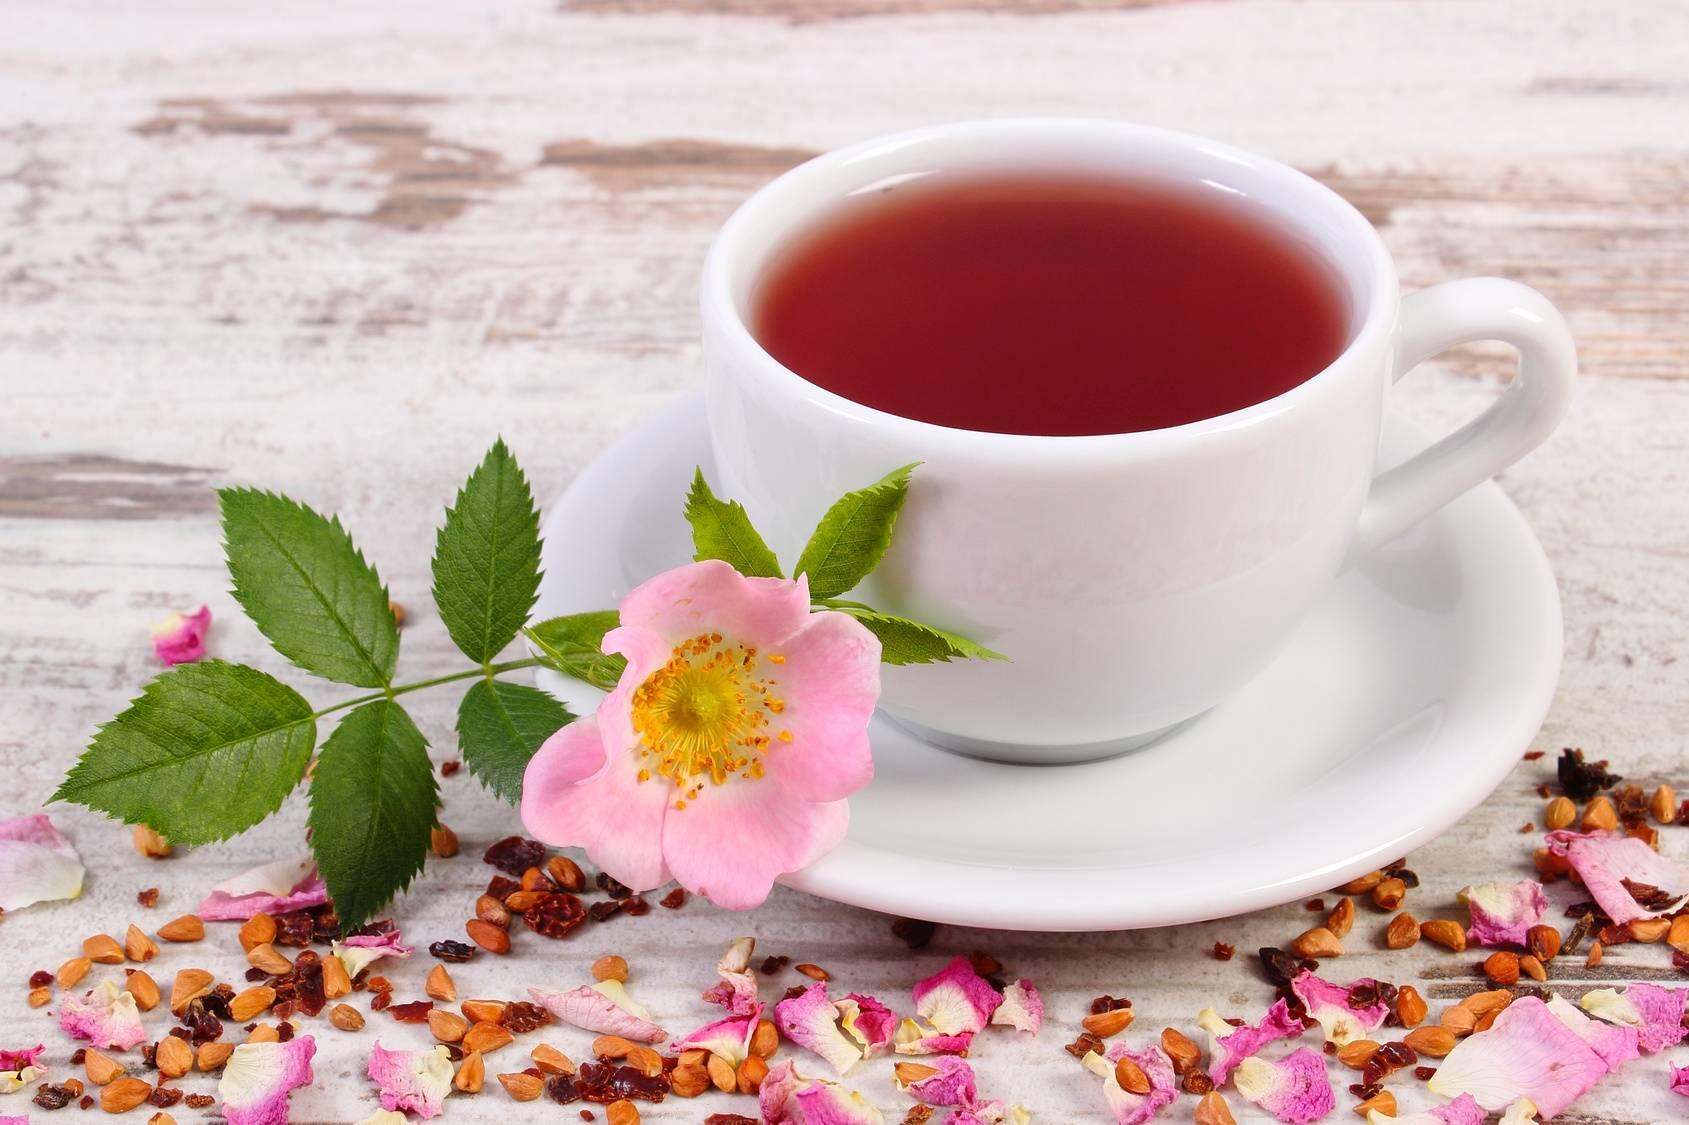 Herbata z dzikiej róży w białej filiżance ze spodkiem stoi na rustykalnym blacie. Obok leżą płatki róży i mała gałązka z kwiatem dzikiej róży.